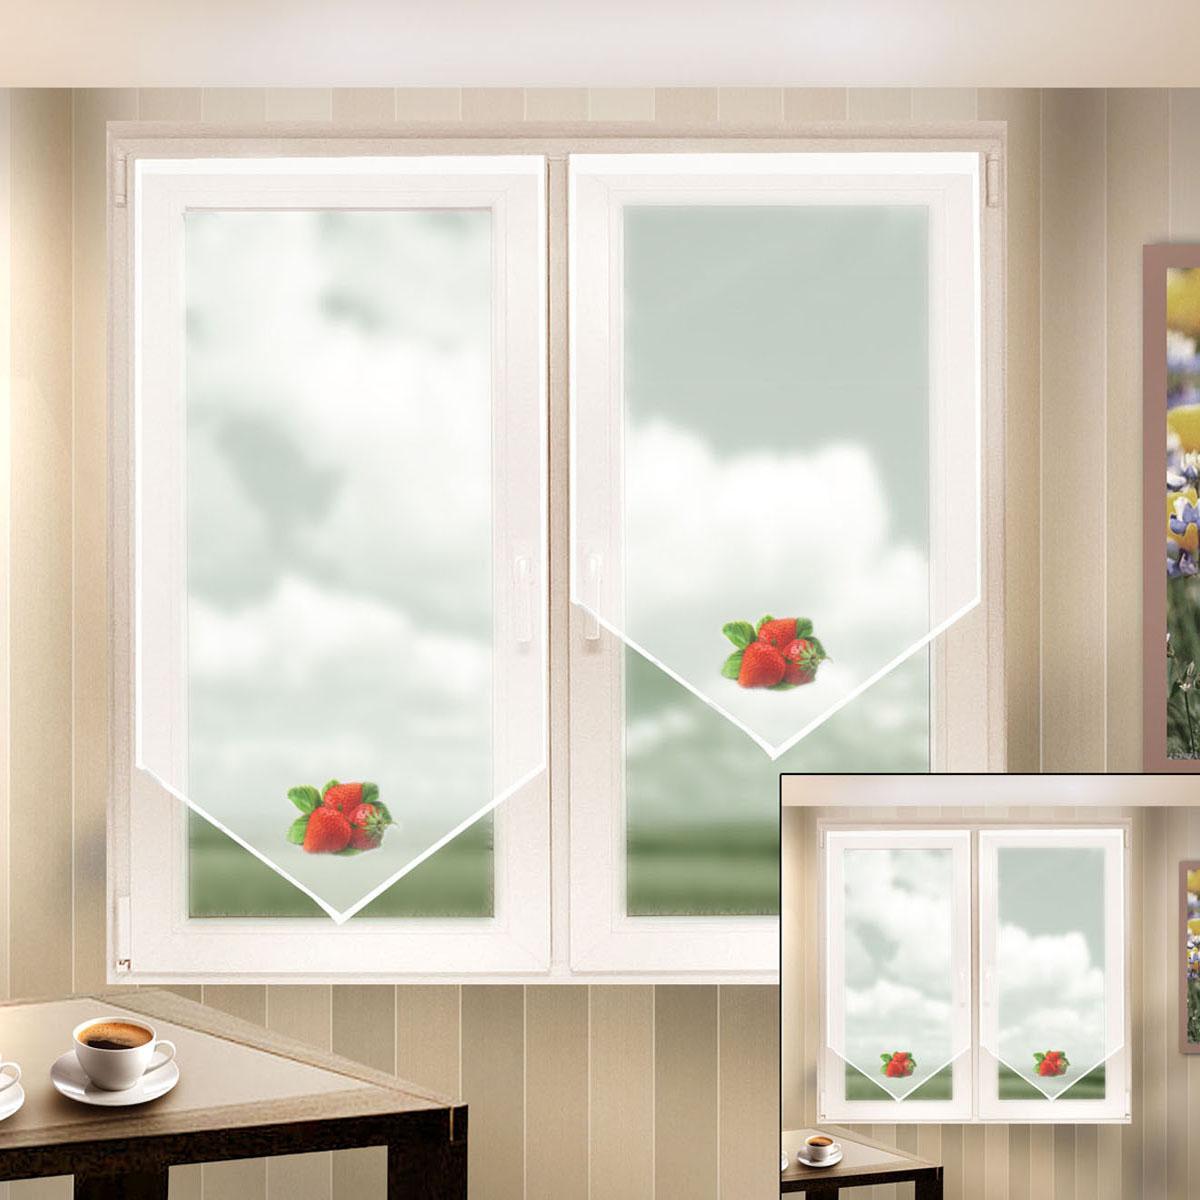 Гардина Zlata Korunka, на липкой ленте, цвет: белый, высота 140 см. 666051666051Гардина на липкой ленте Zlata Korunka, изготовленная из легкого полиэстера, станет великолепным украшением любого окна. Полотно из белой вуали с печатным рисунком привлечет к себе внимание и органично впишется в интерьер комнаты. Крепление на липкой ленте, не требующее сверления стен и карниза. Многоразовое и мгновенное крепление.